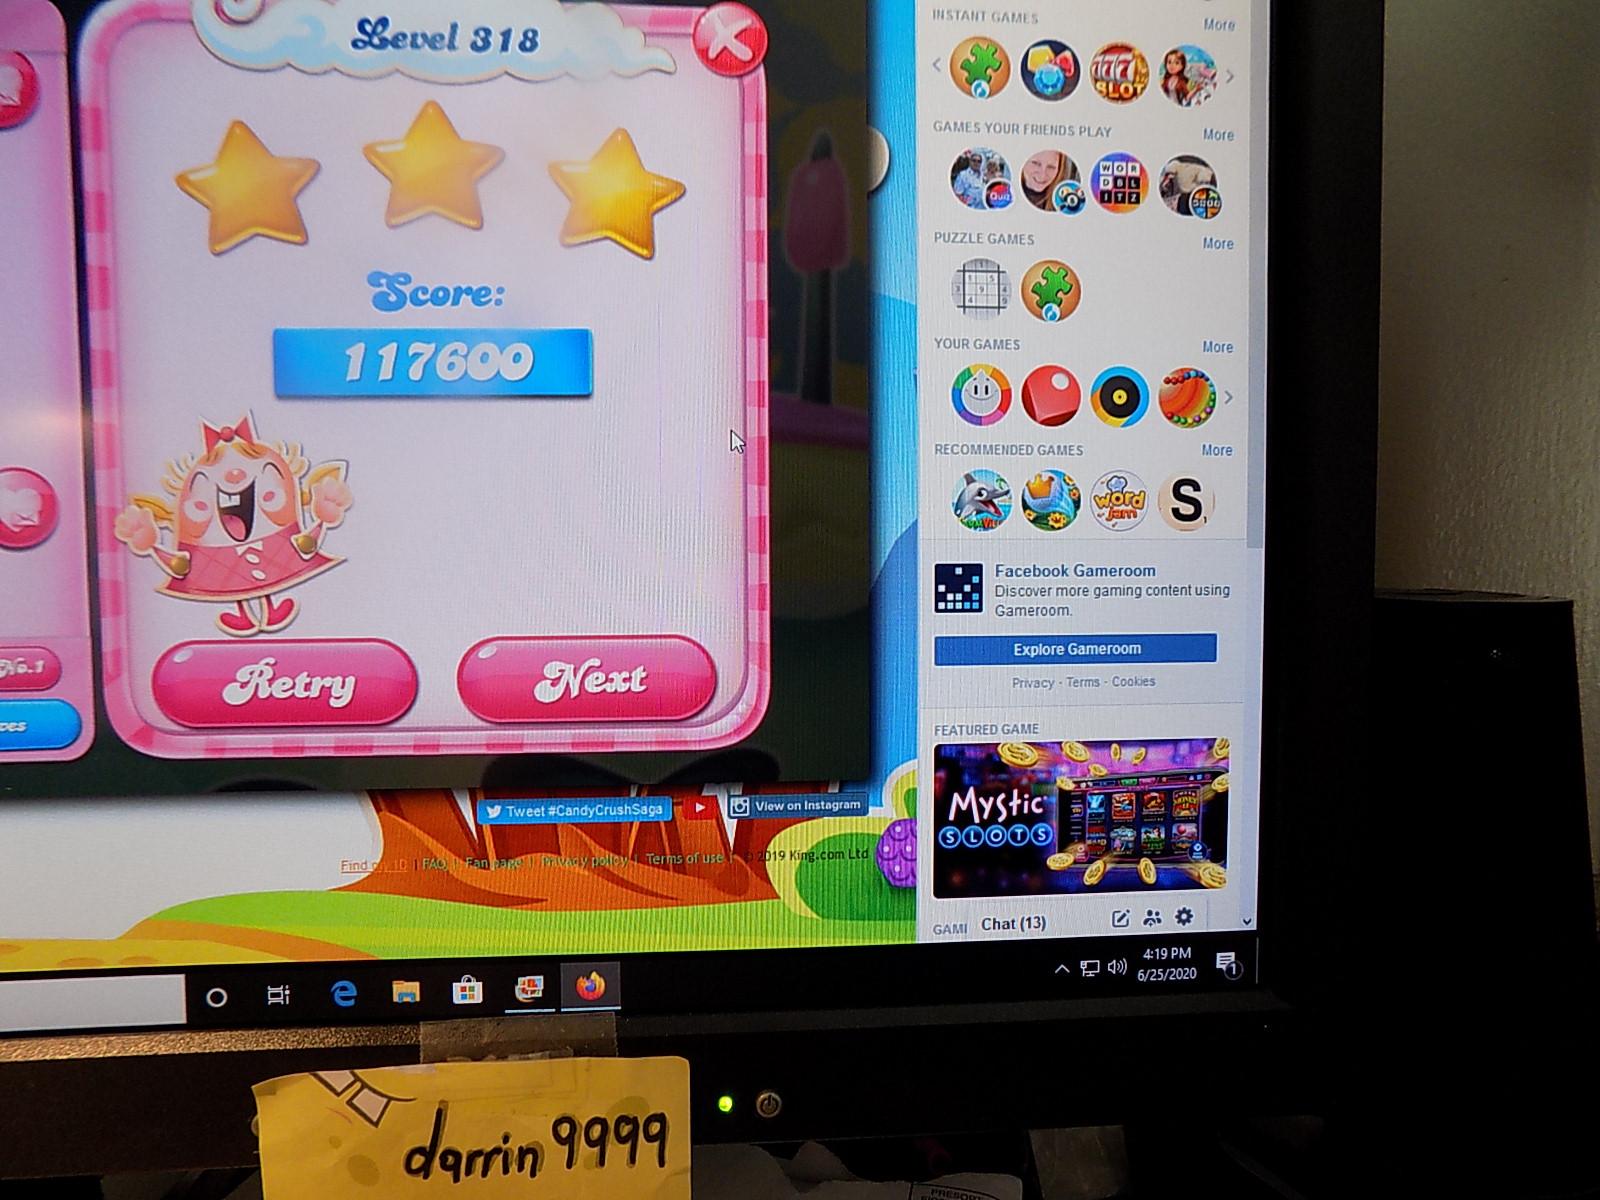 darrin9999: Candy Crush Saga: Level 318 (Web) 117,600 points on 2020-08-02 16:26:49